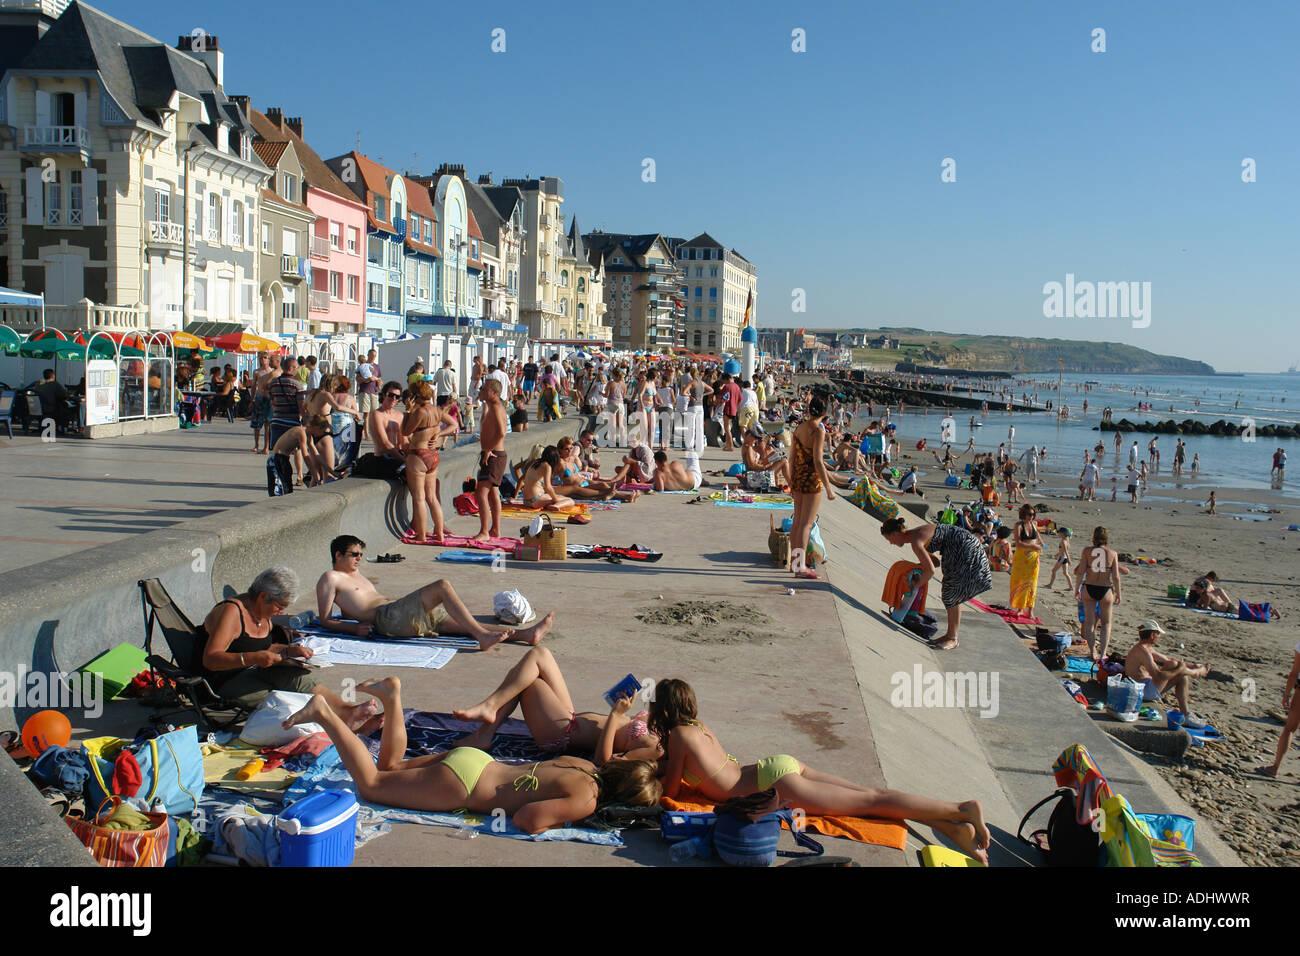 seafront of wimereux cote d 39 opale pas de calais france stock photo 13427650 alamy. Black Bedroom Furniture Sets. Home Design Ideas